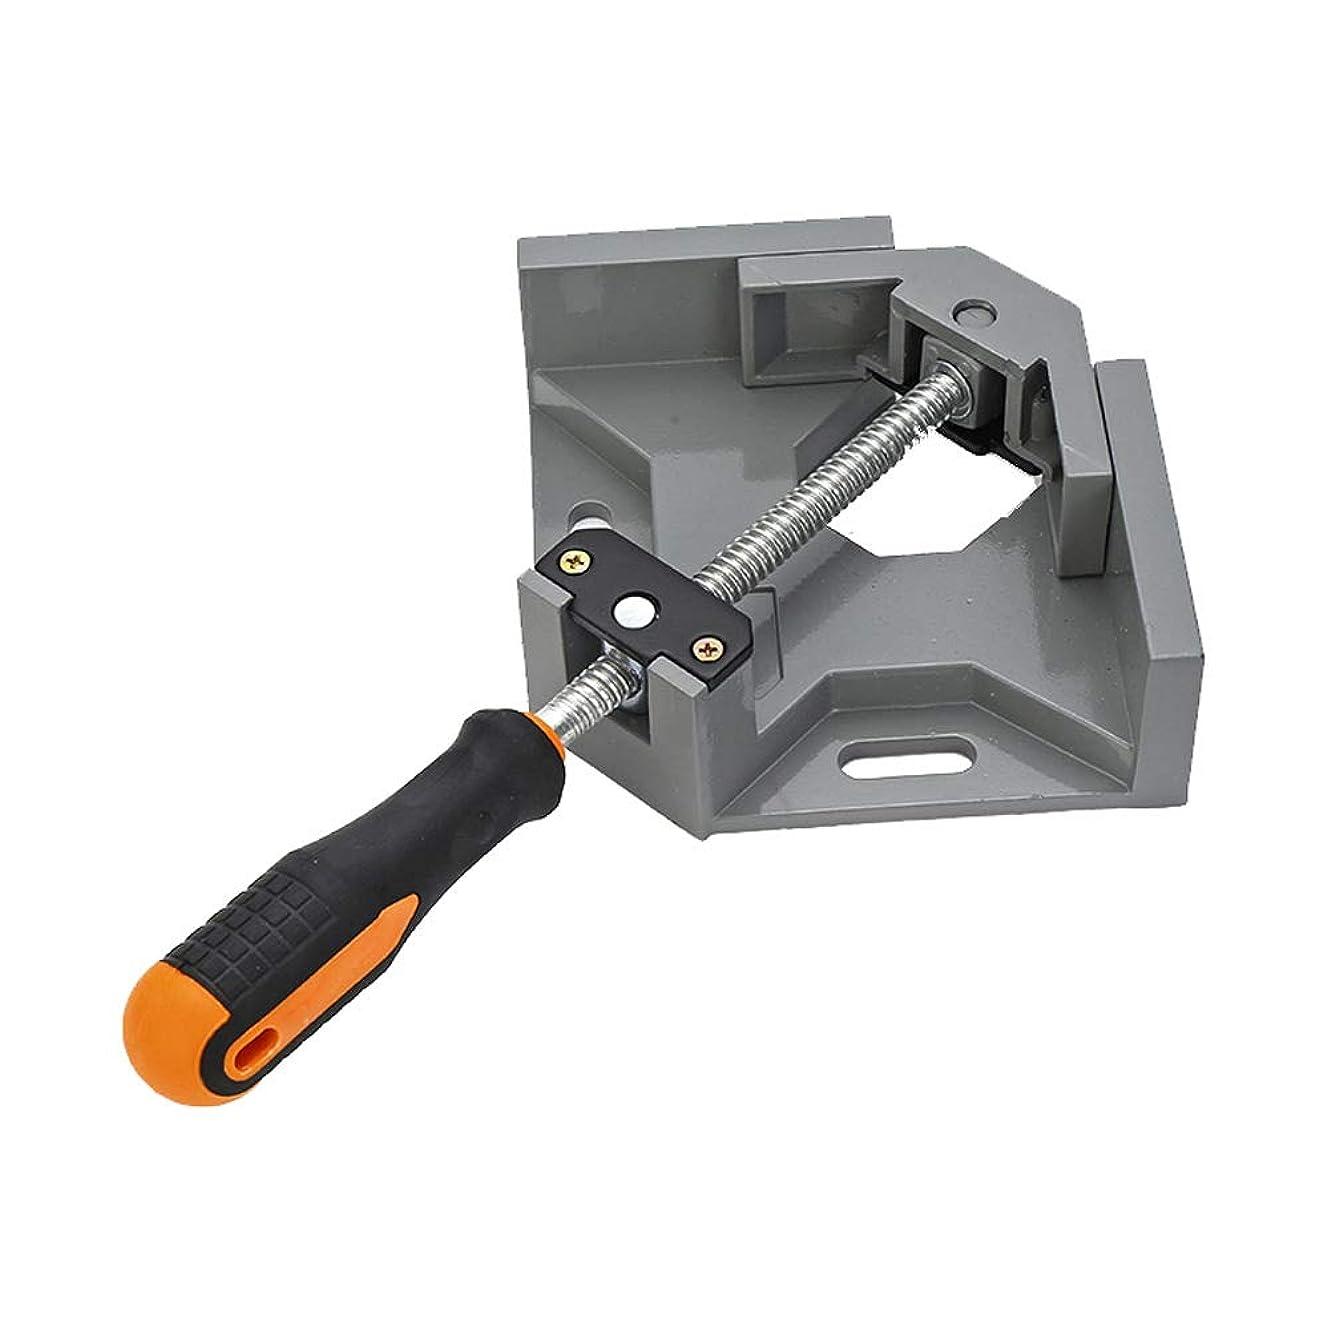 アーサー幸運なことに夜ASOSMOS コーナークランプ 直角クランプ 調整可能 90度固定 バイス 定規 溶接 大工 木工 DIY ツール アングルクランプ